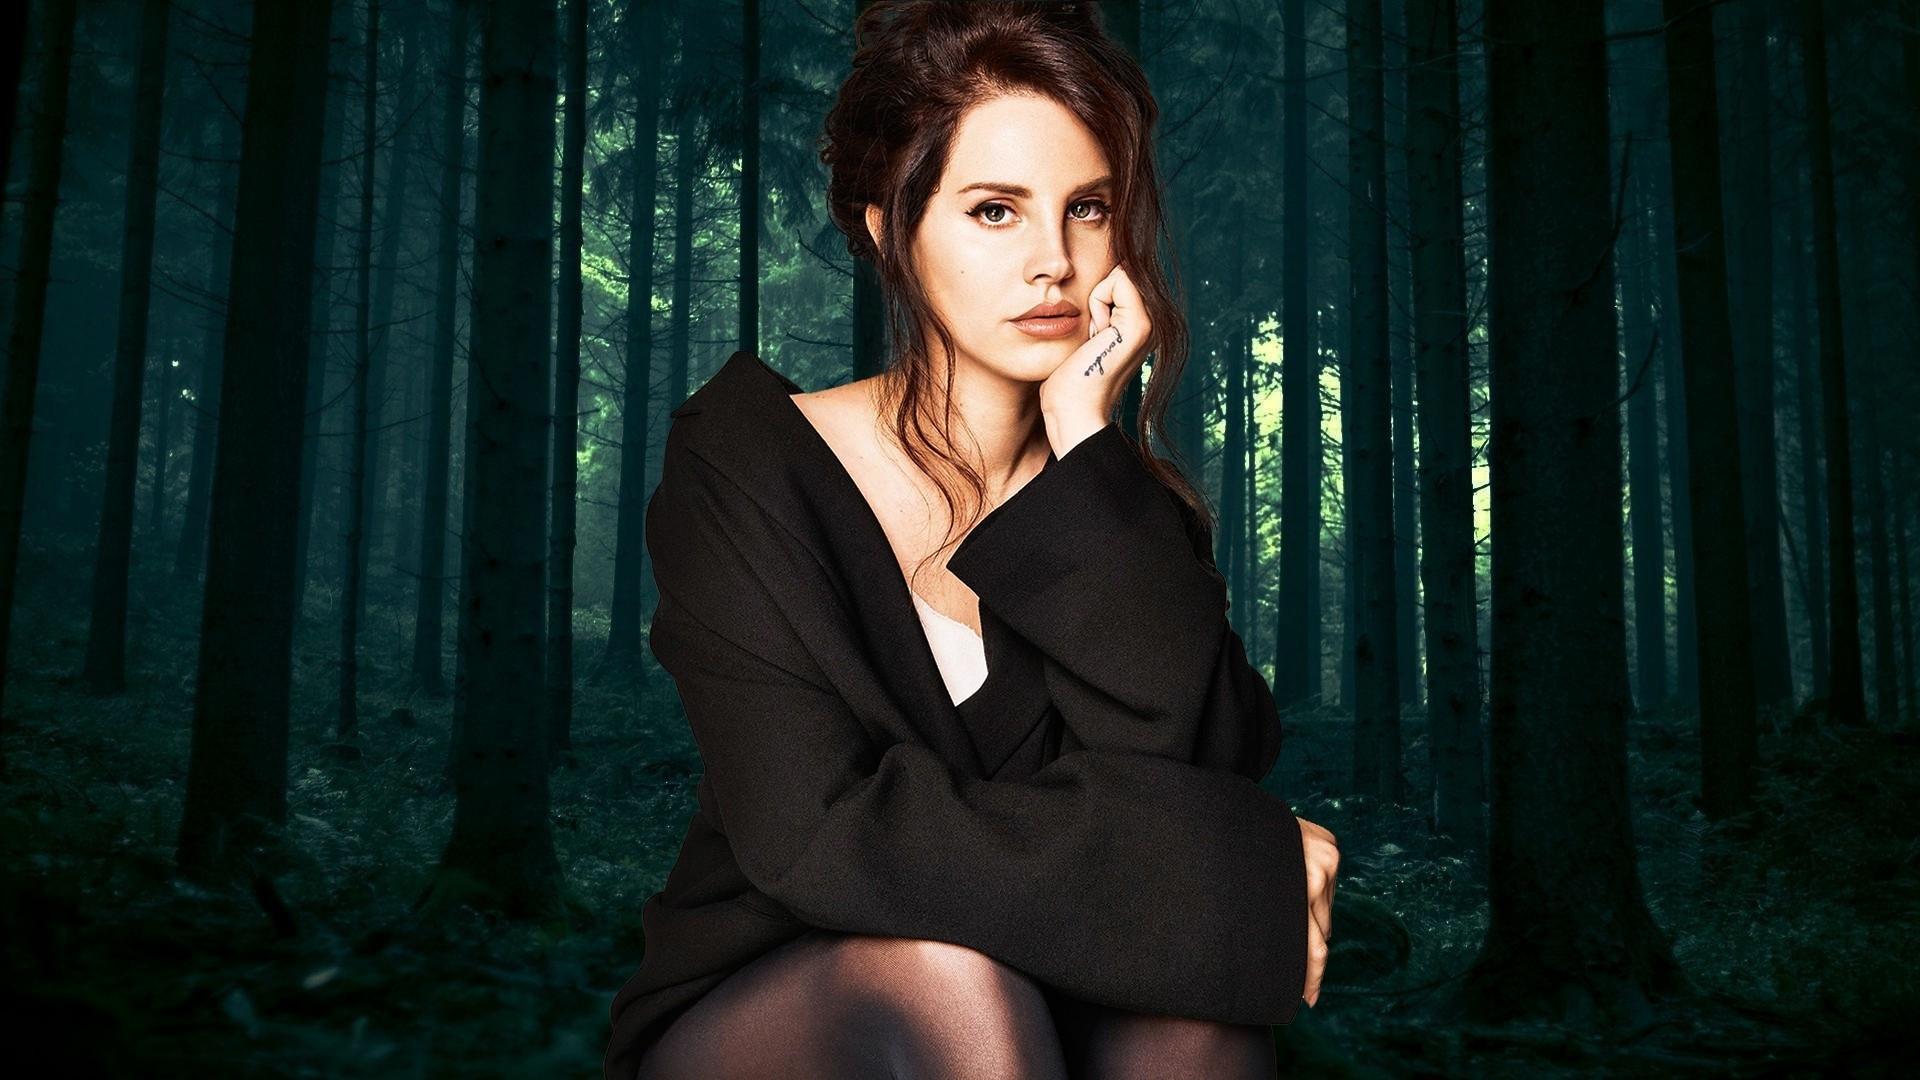 Lana Del Rey Full HD Wallpaper